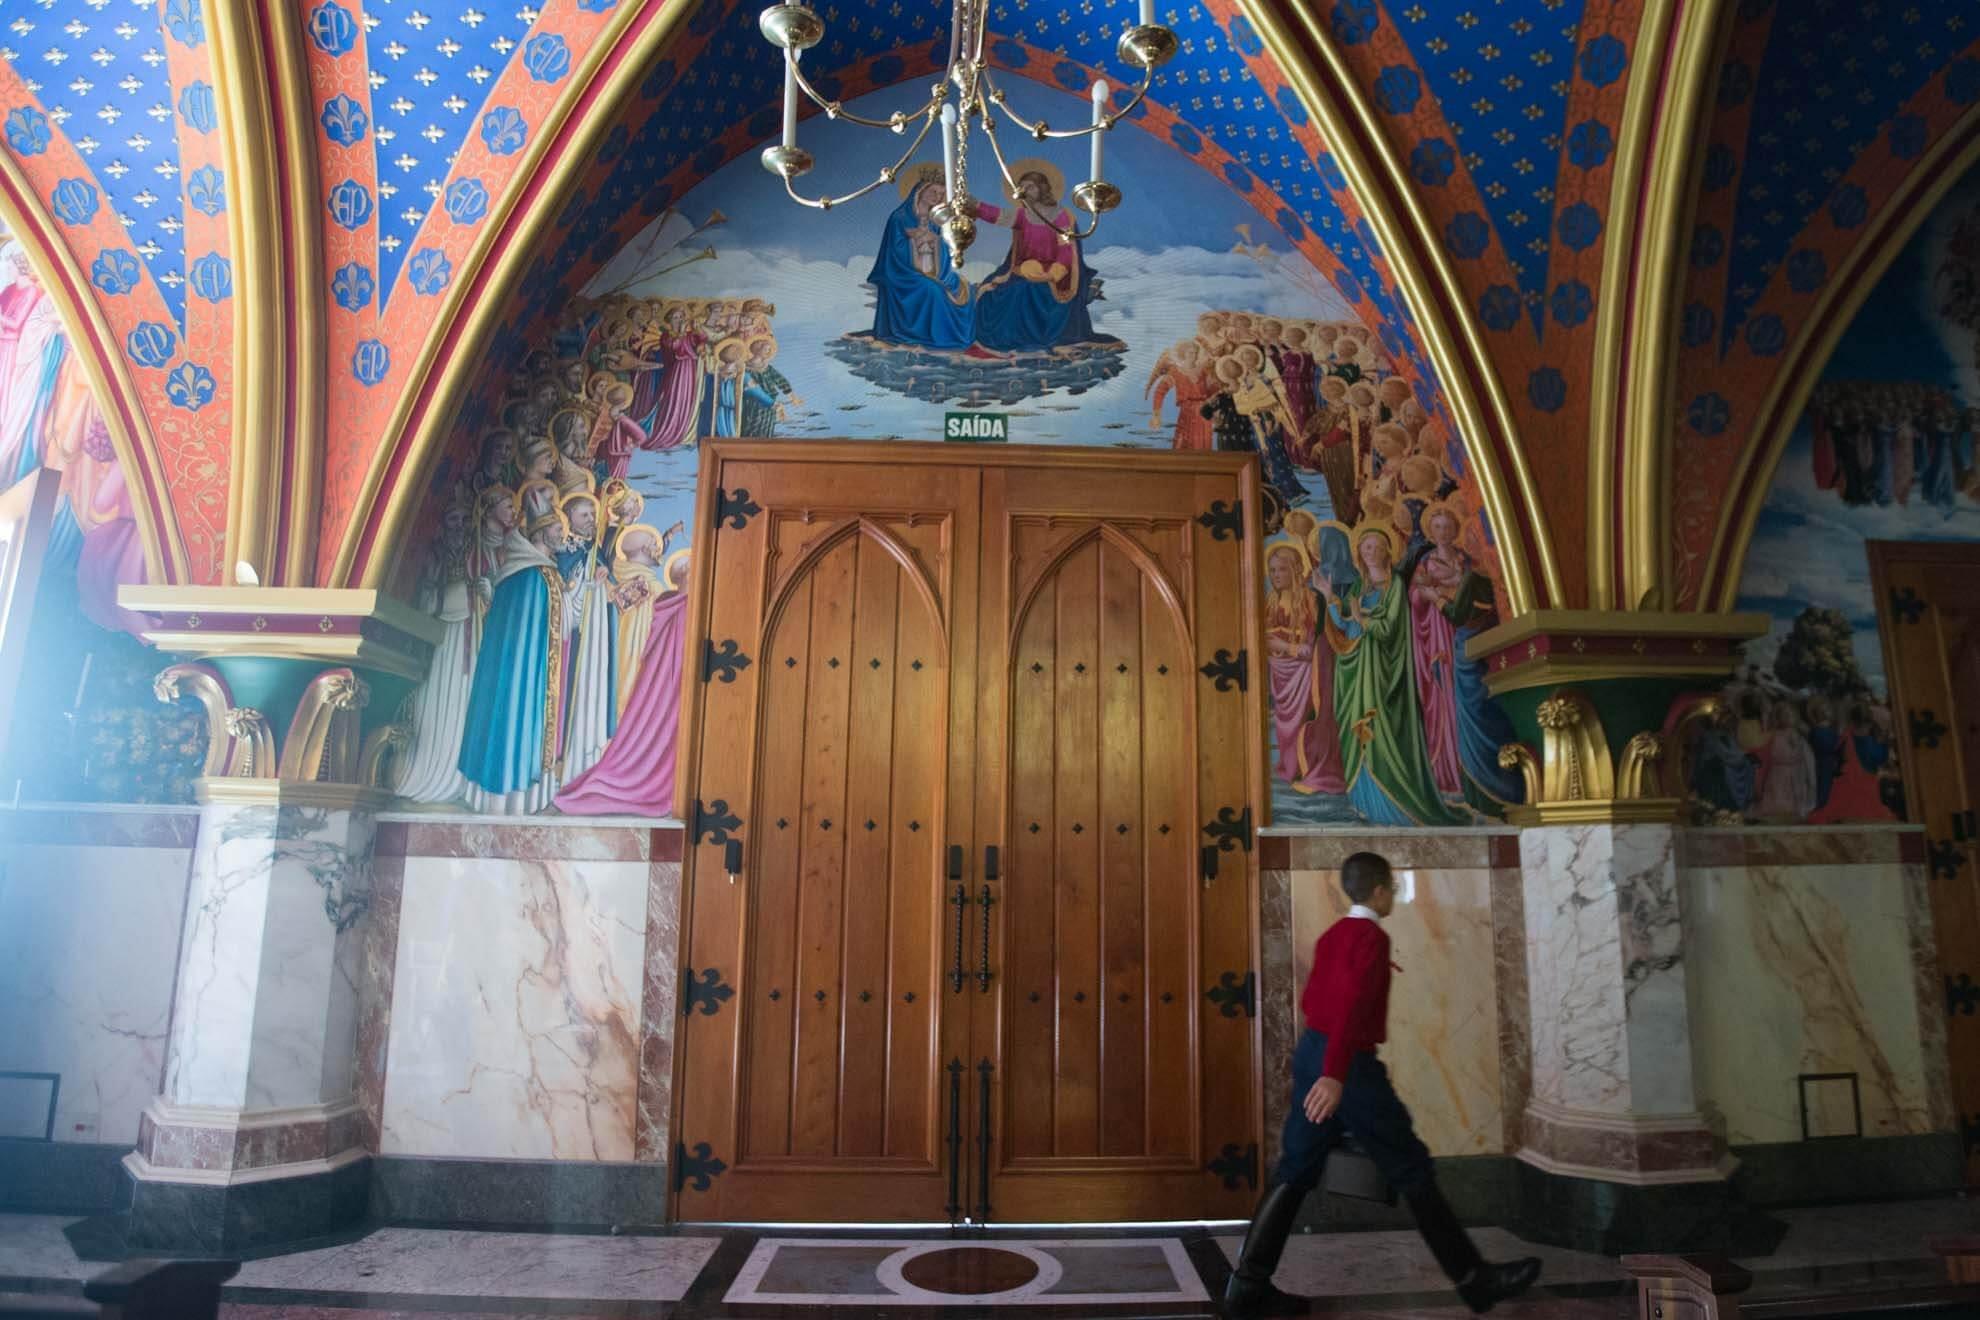 As paredes, os vitrais e o teto da construção são decorados com figuras religiosas